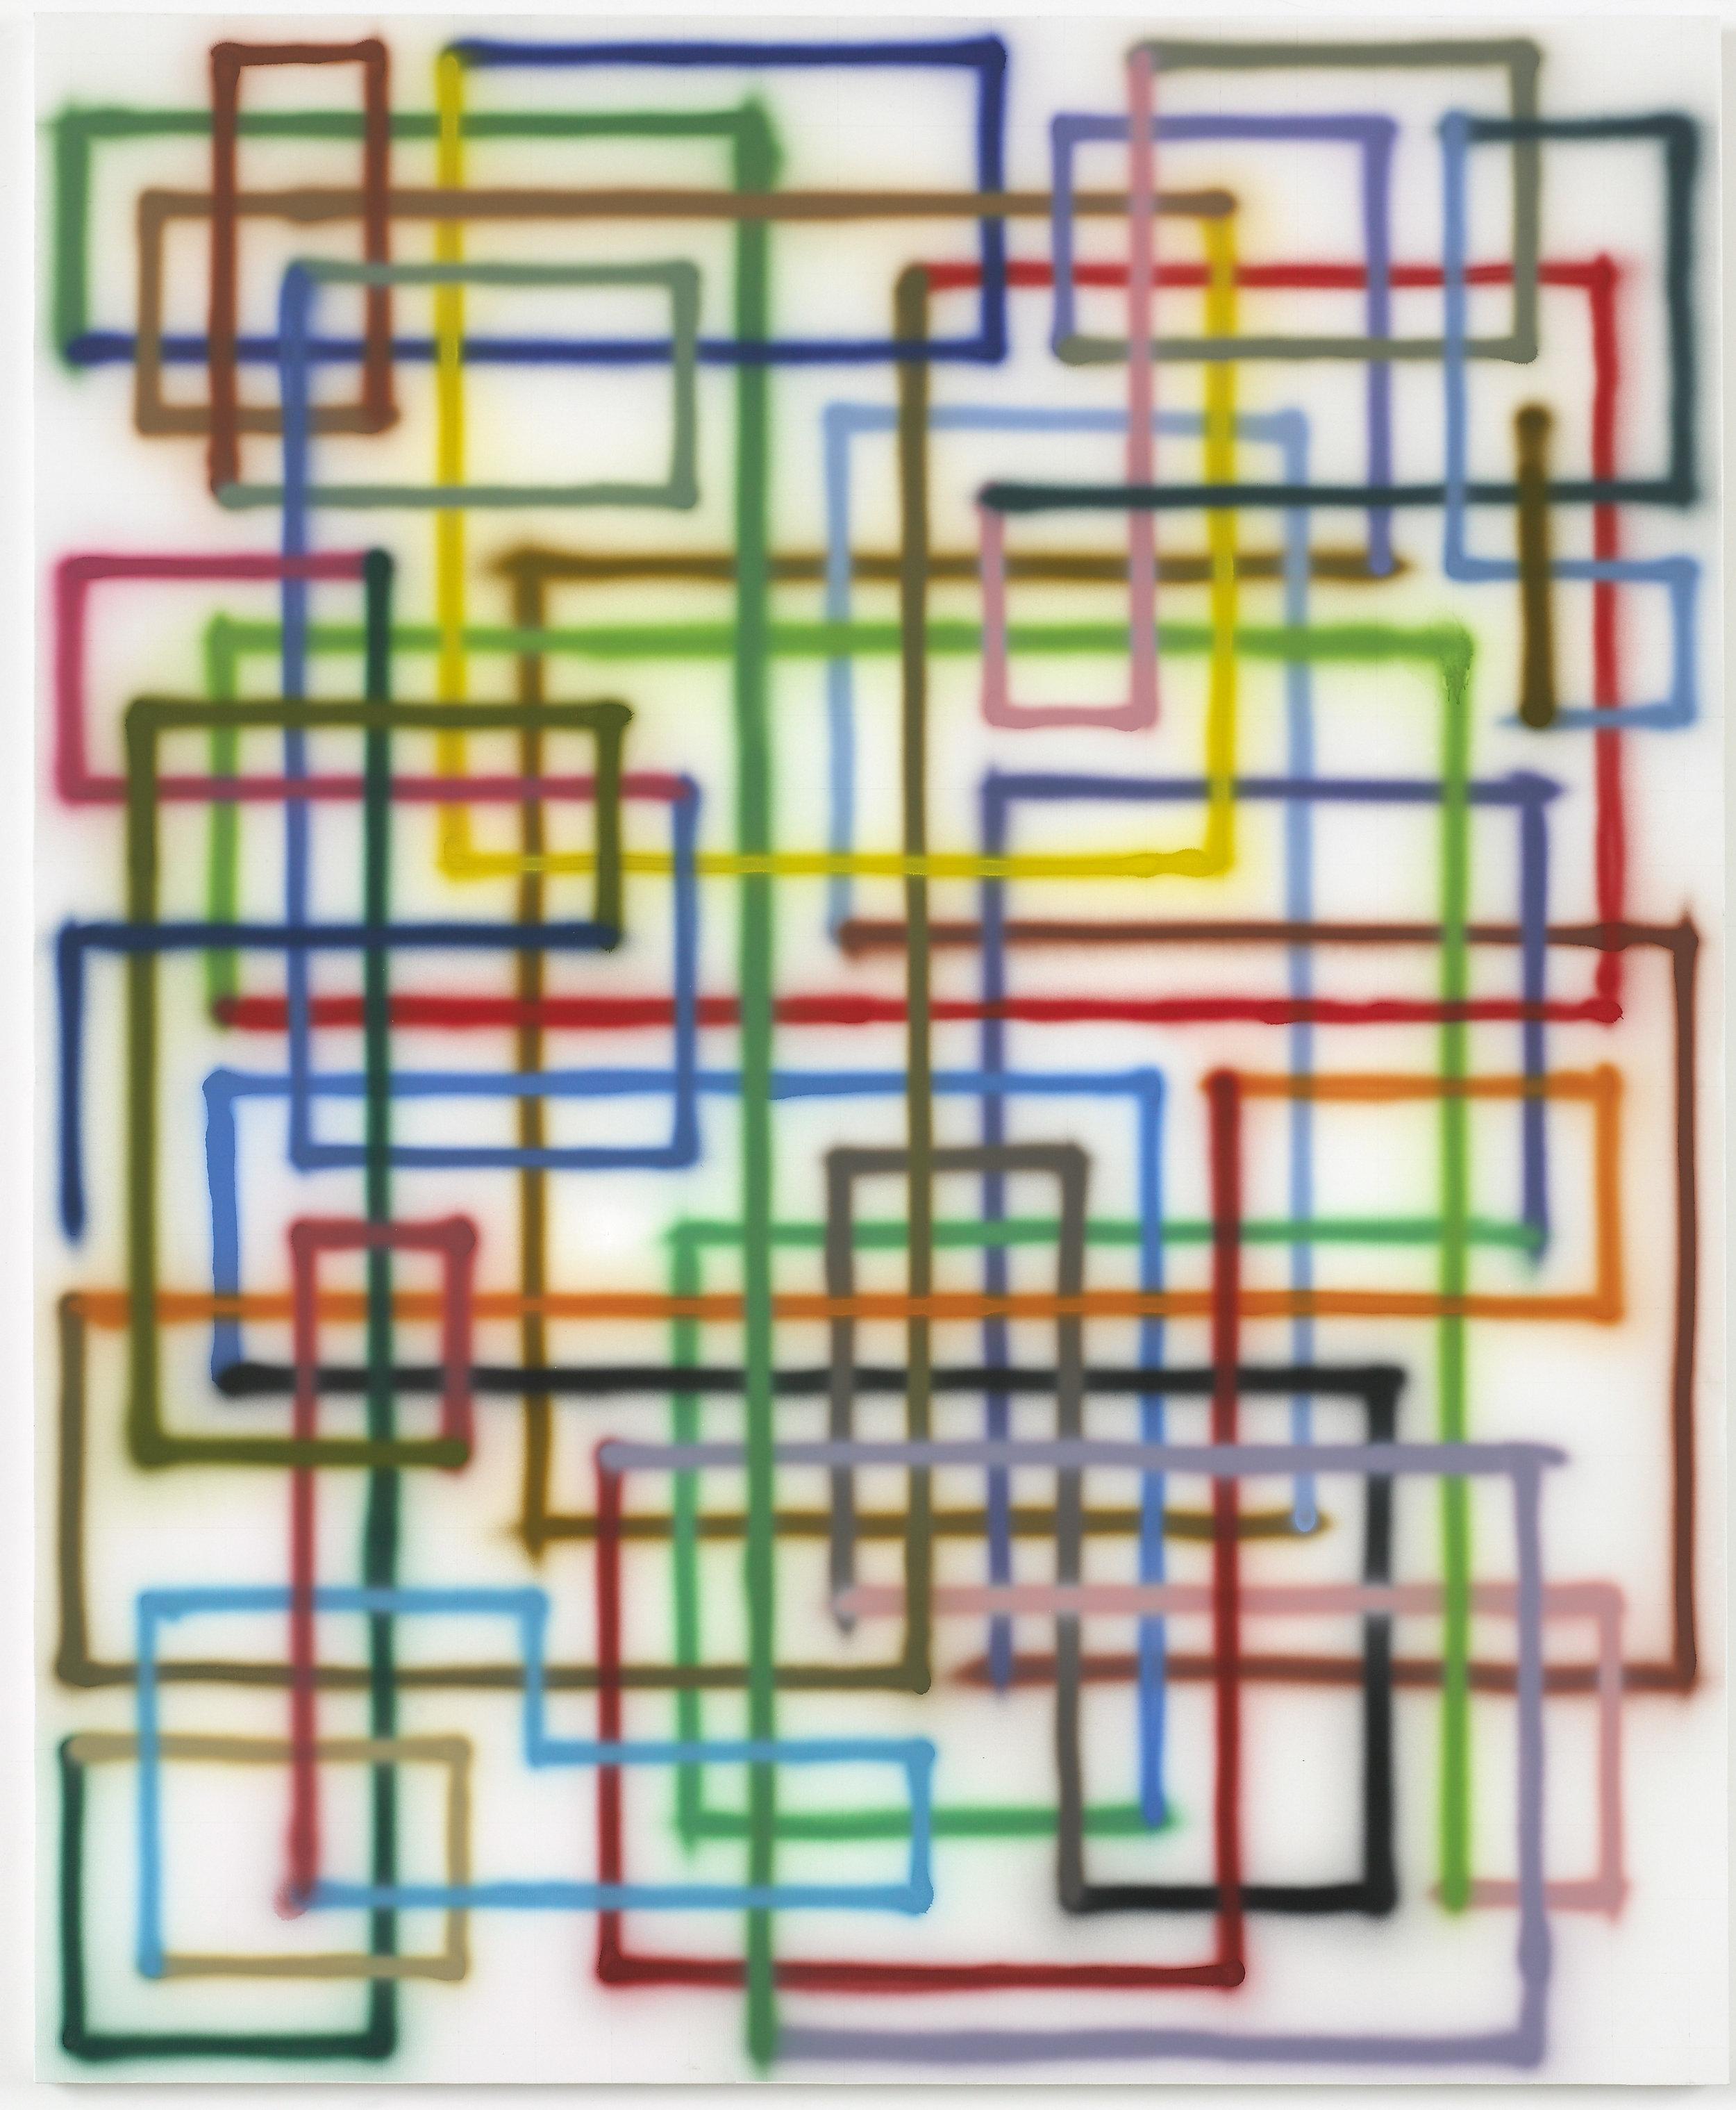 Bernard Frize  Fui   , 2007  Acrylic on canvas 220 x 180 cm Collection Fondation Louis Vuitton, Paris. Picture: © Adagp, Paris 2019